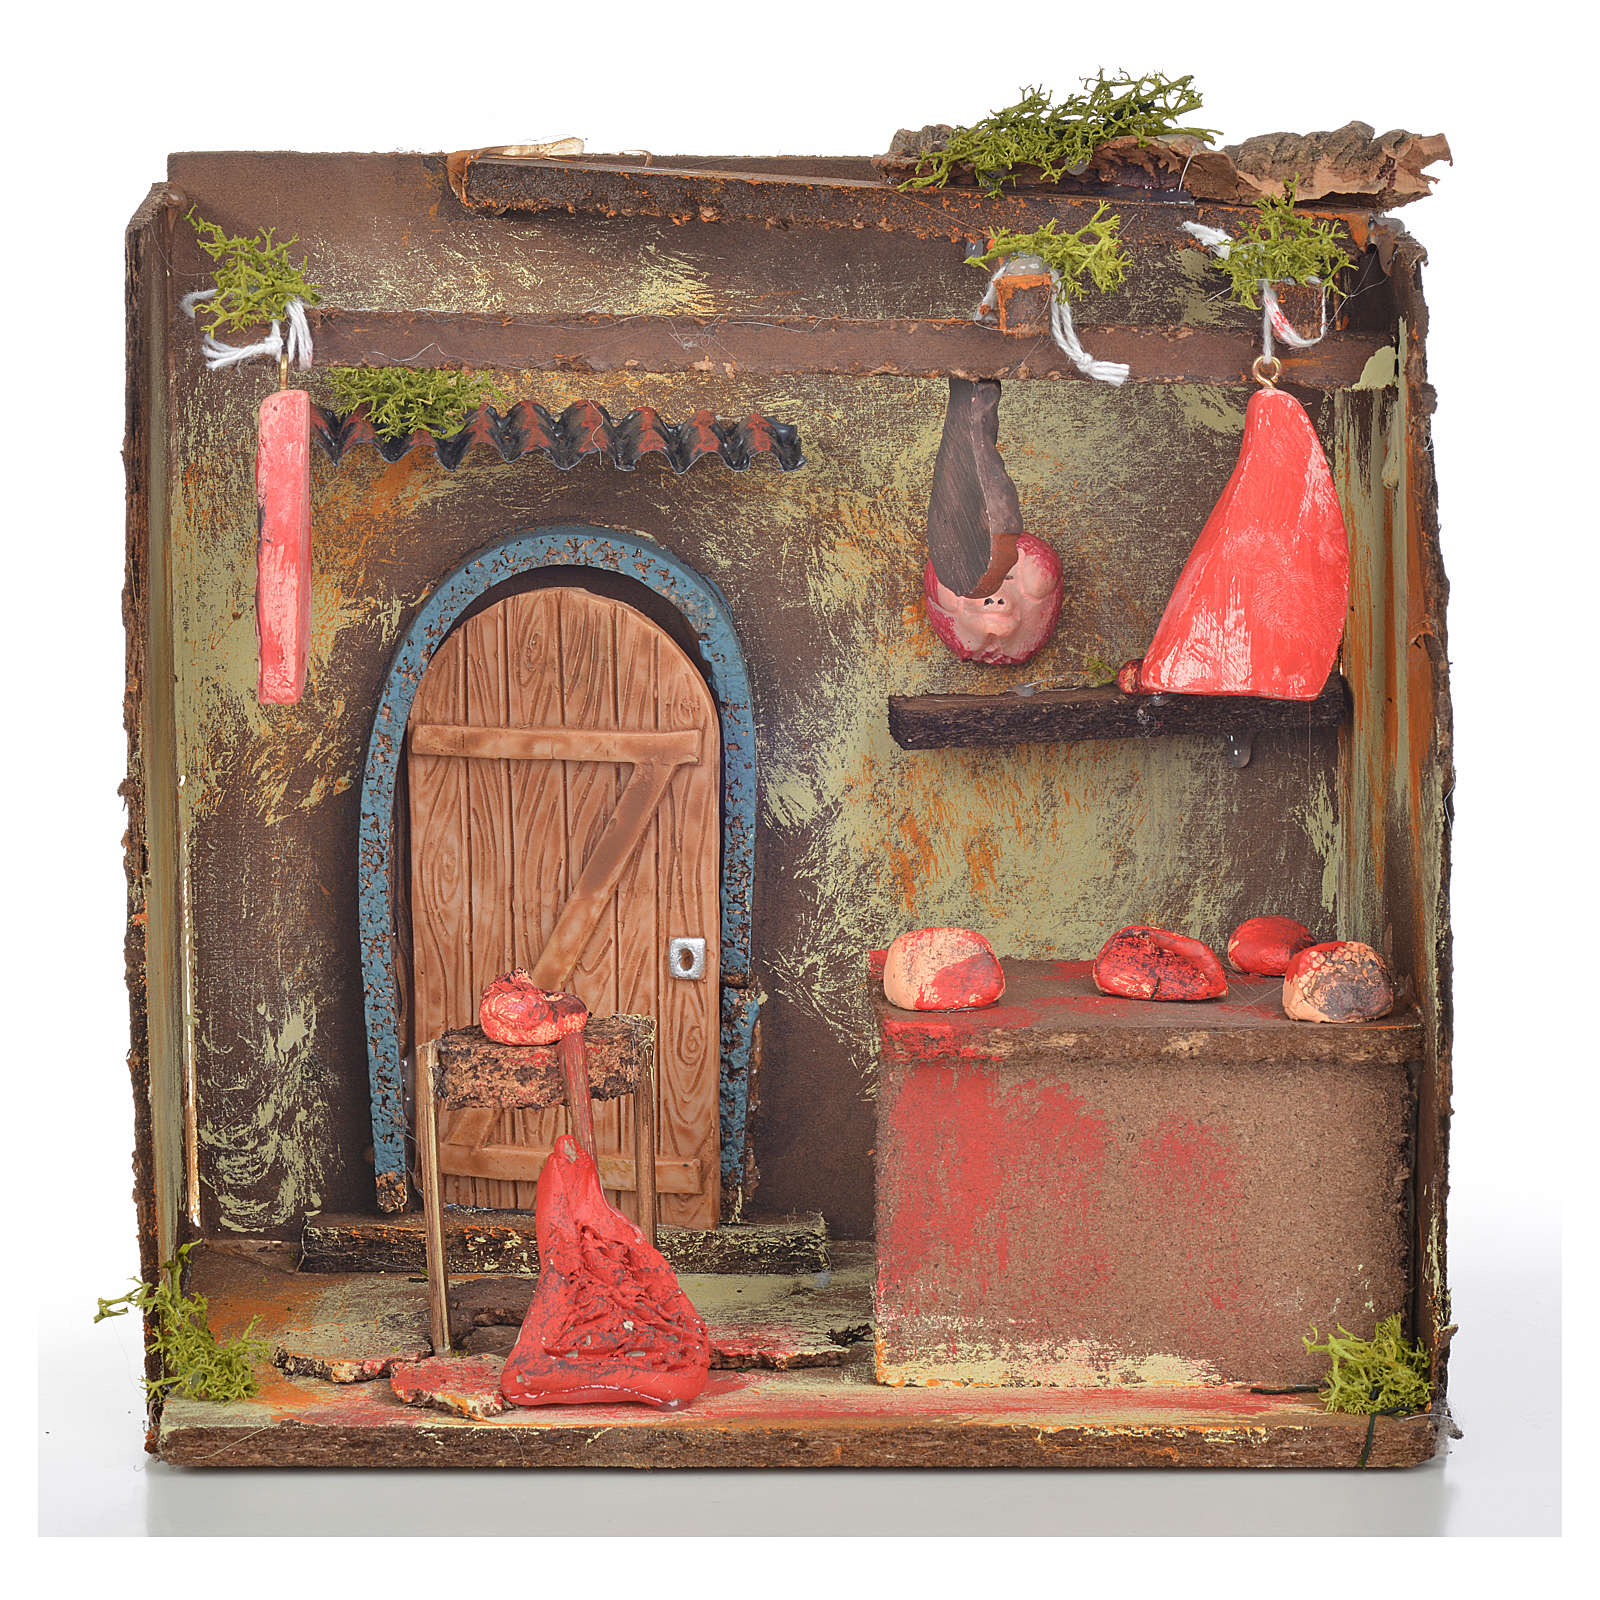 Loja do açougueiro miniatura 20x14x20 cm 4